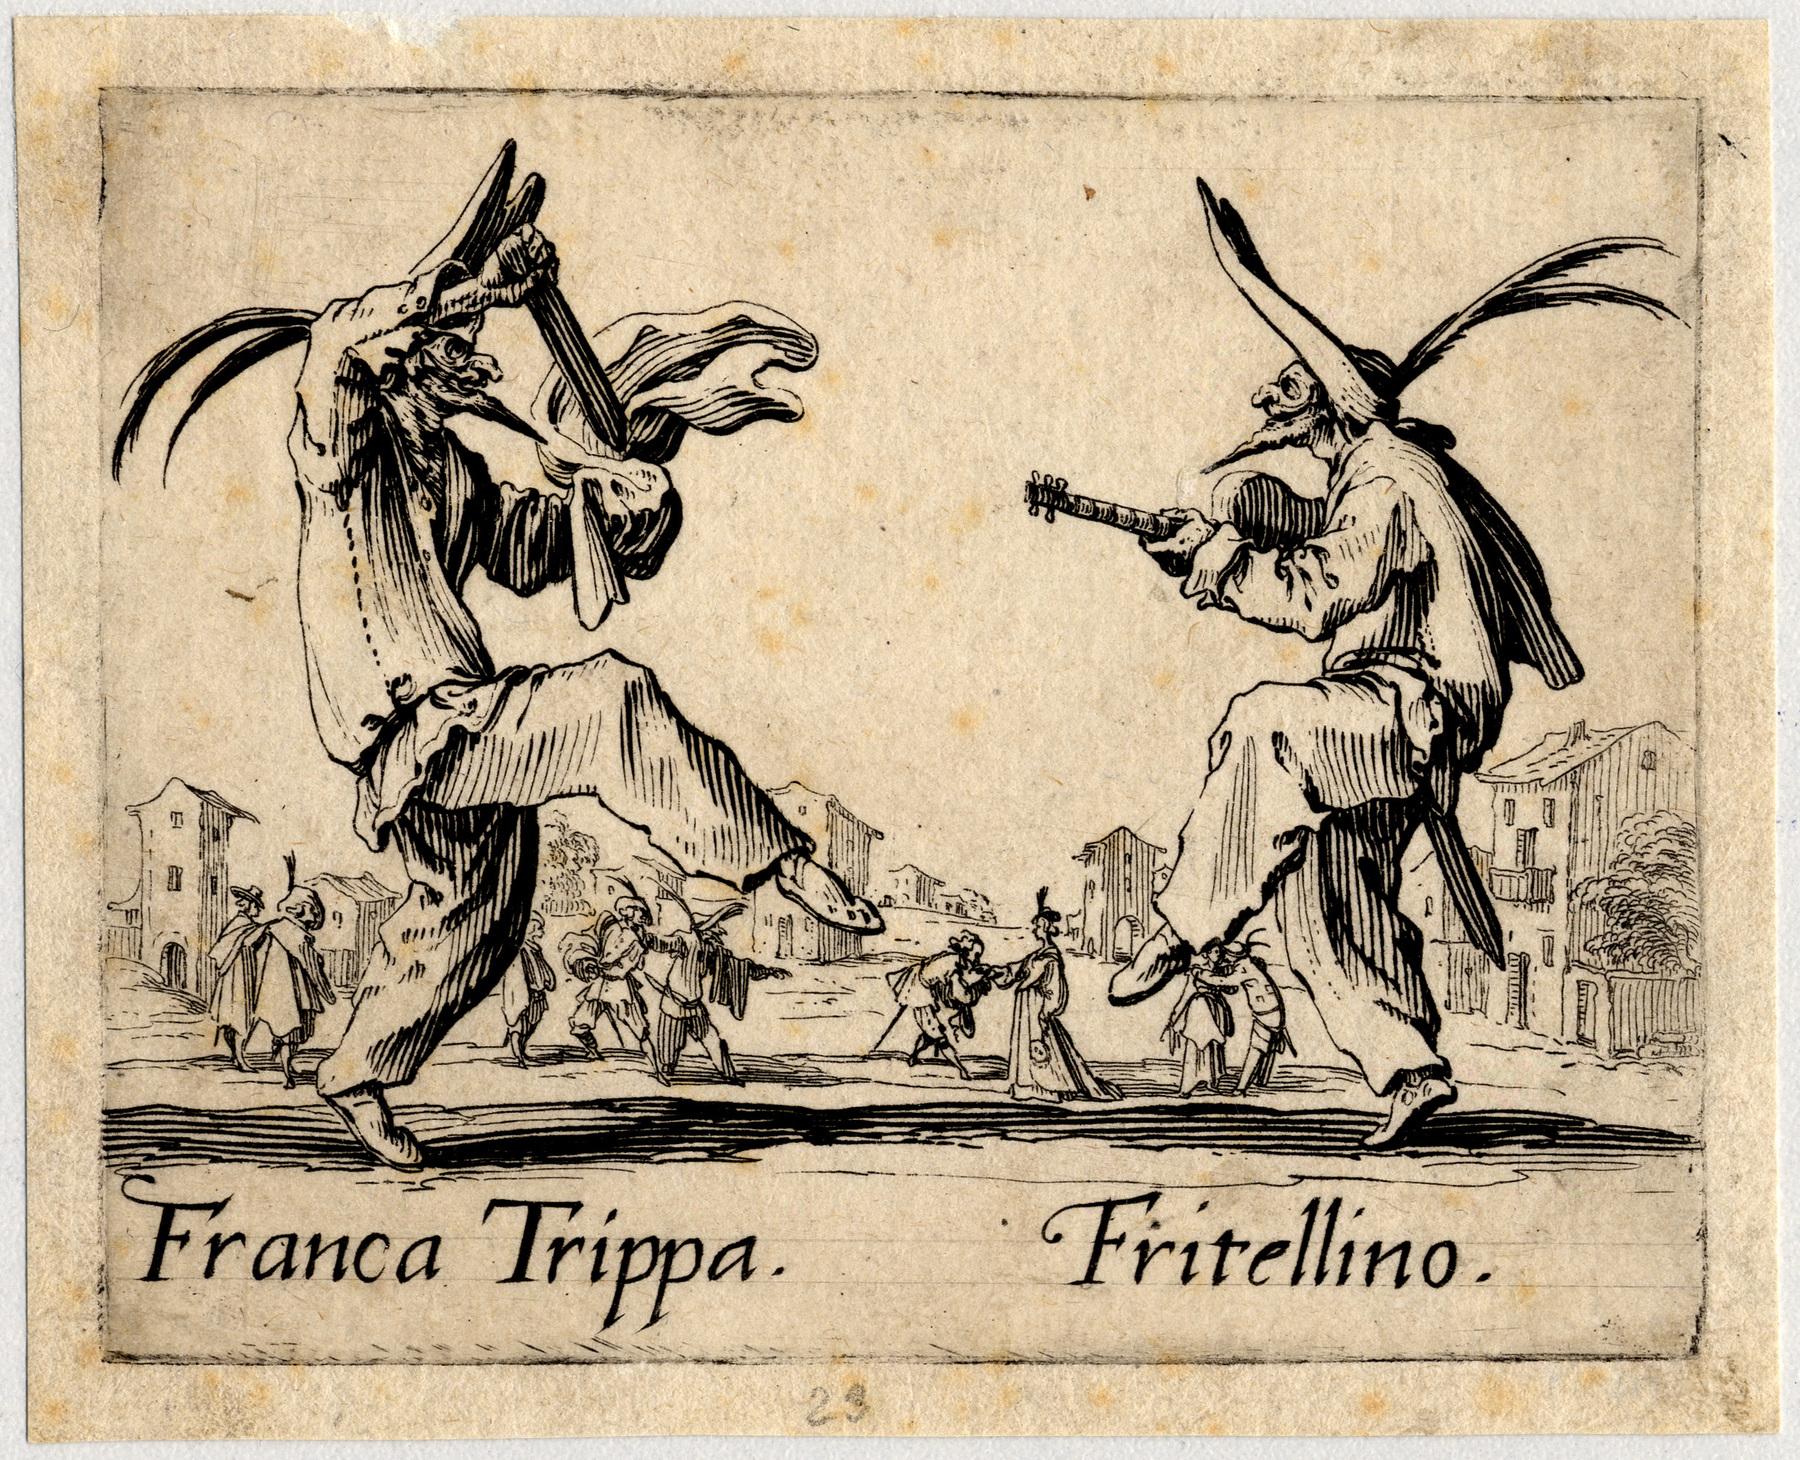 Contenu du Balli di Sfessania : Franca Trippa, Fritellino